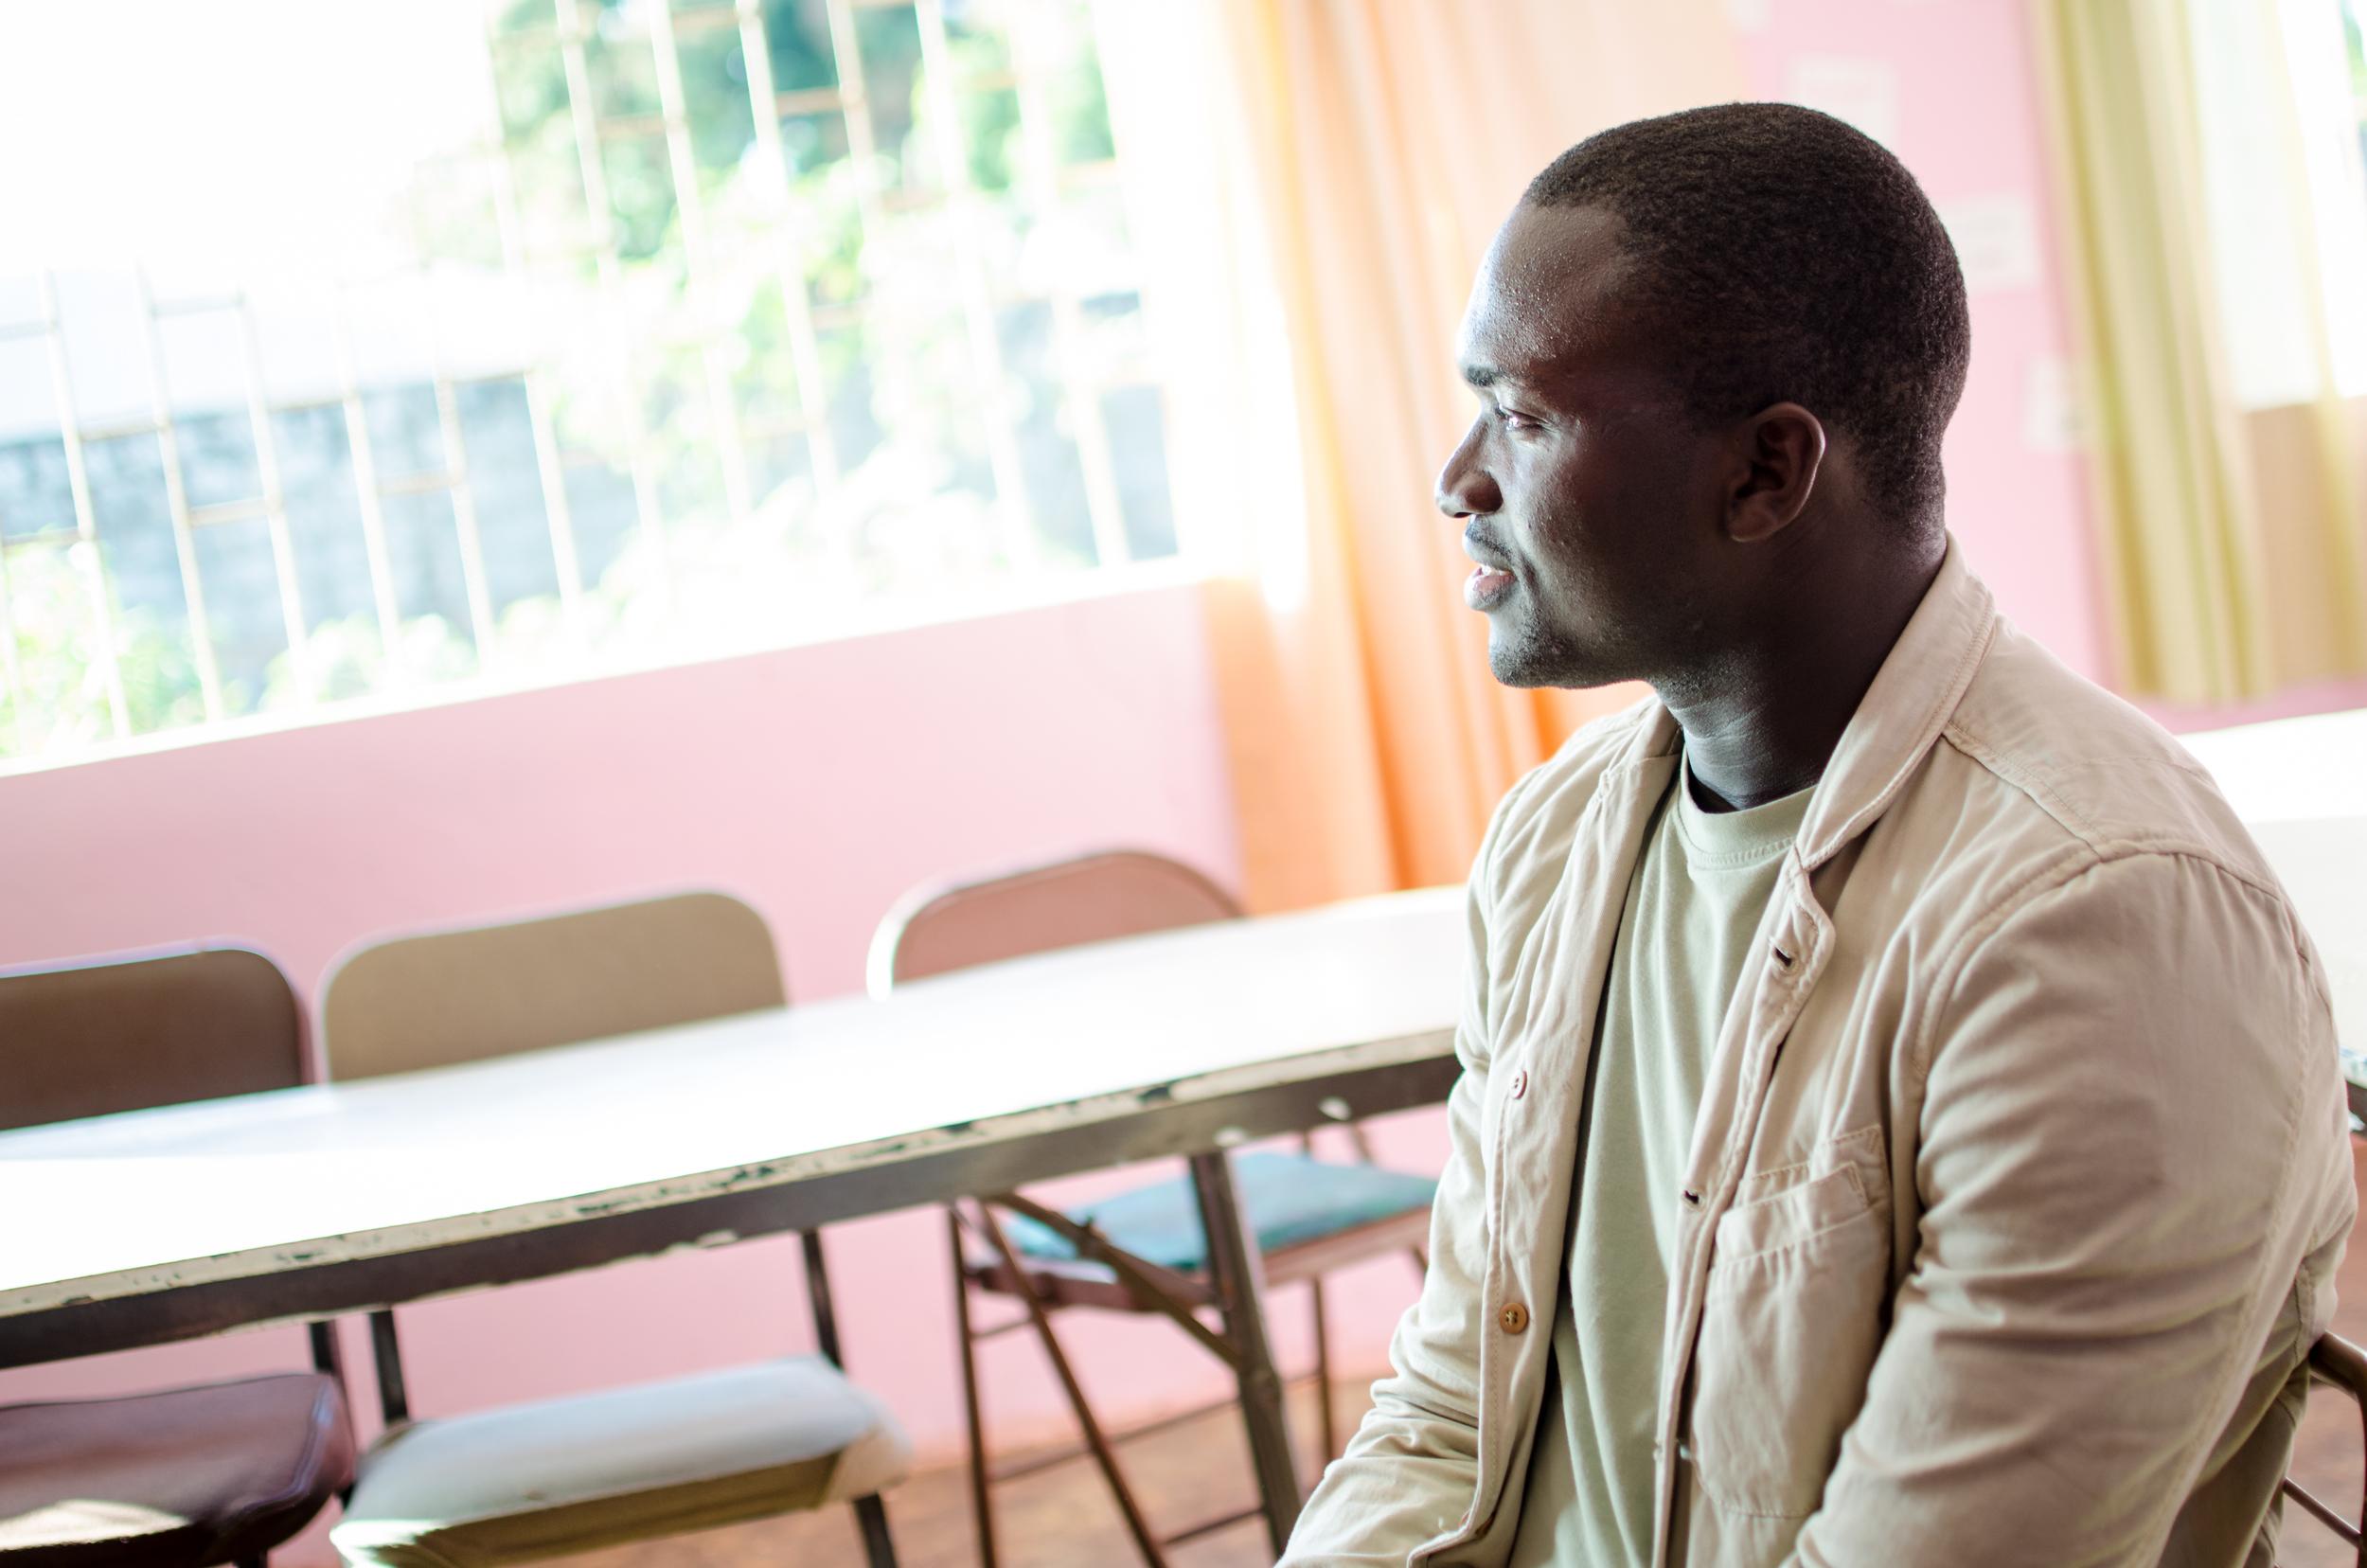 West African Vocational Schools Director Almamo Danfa